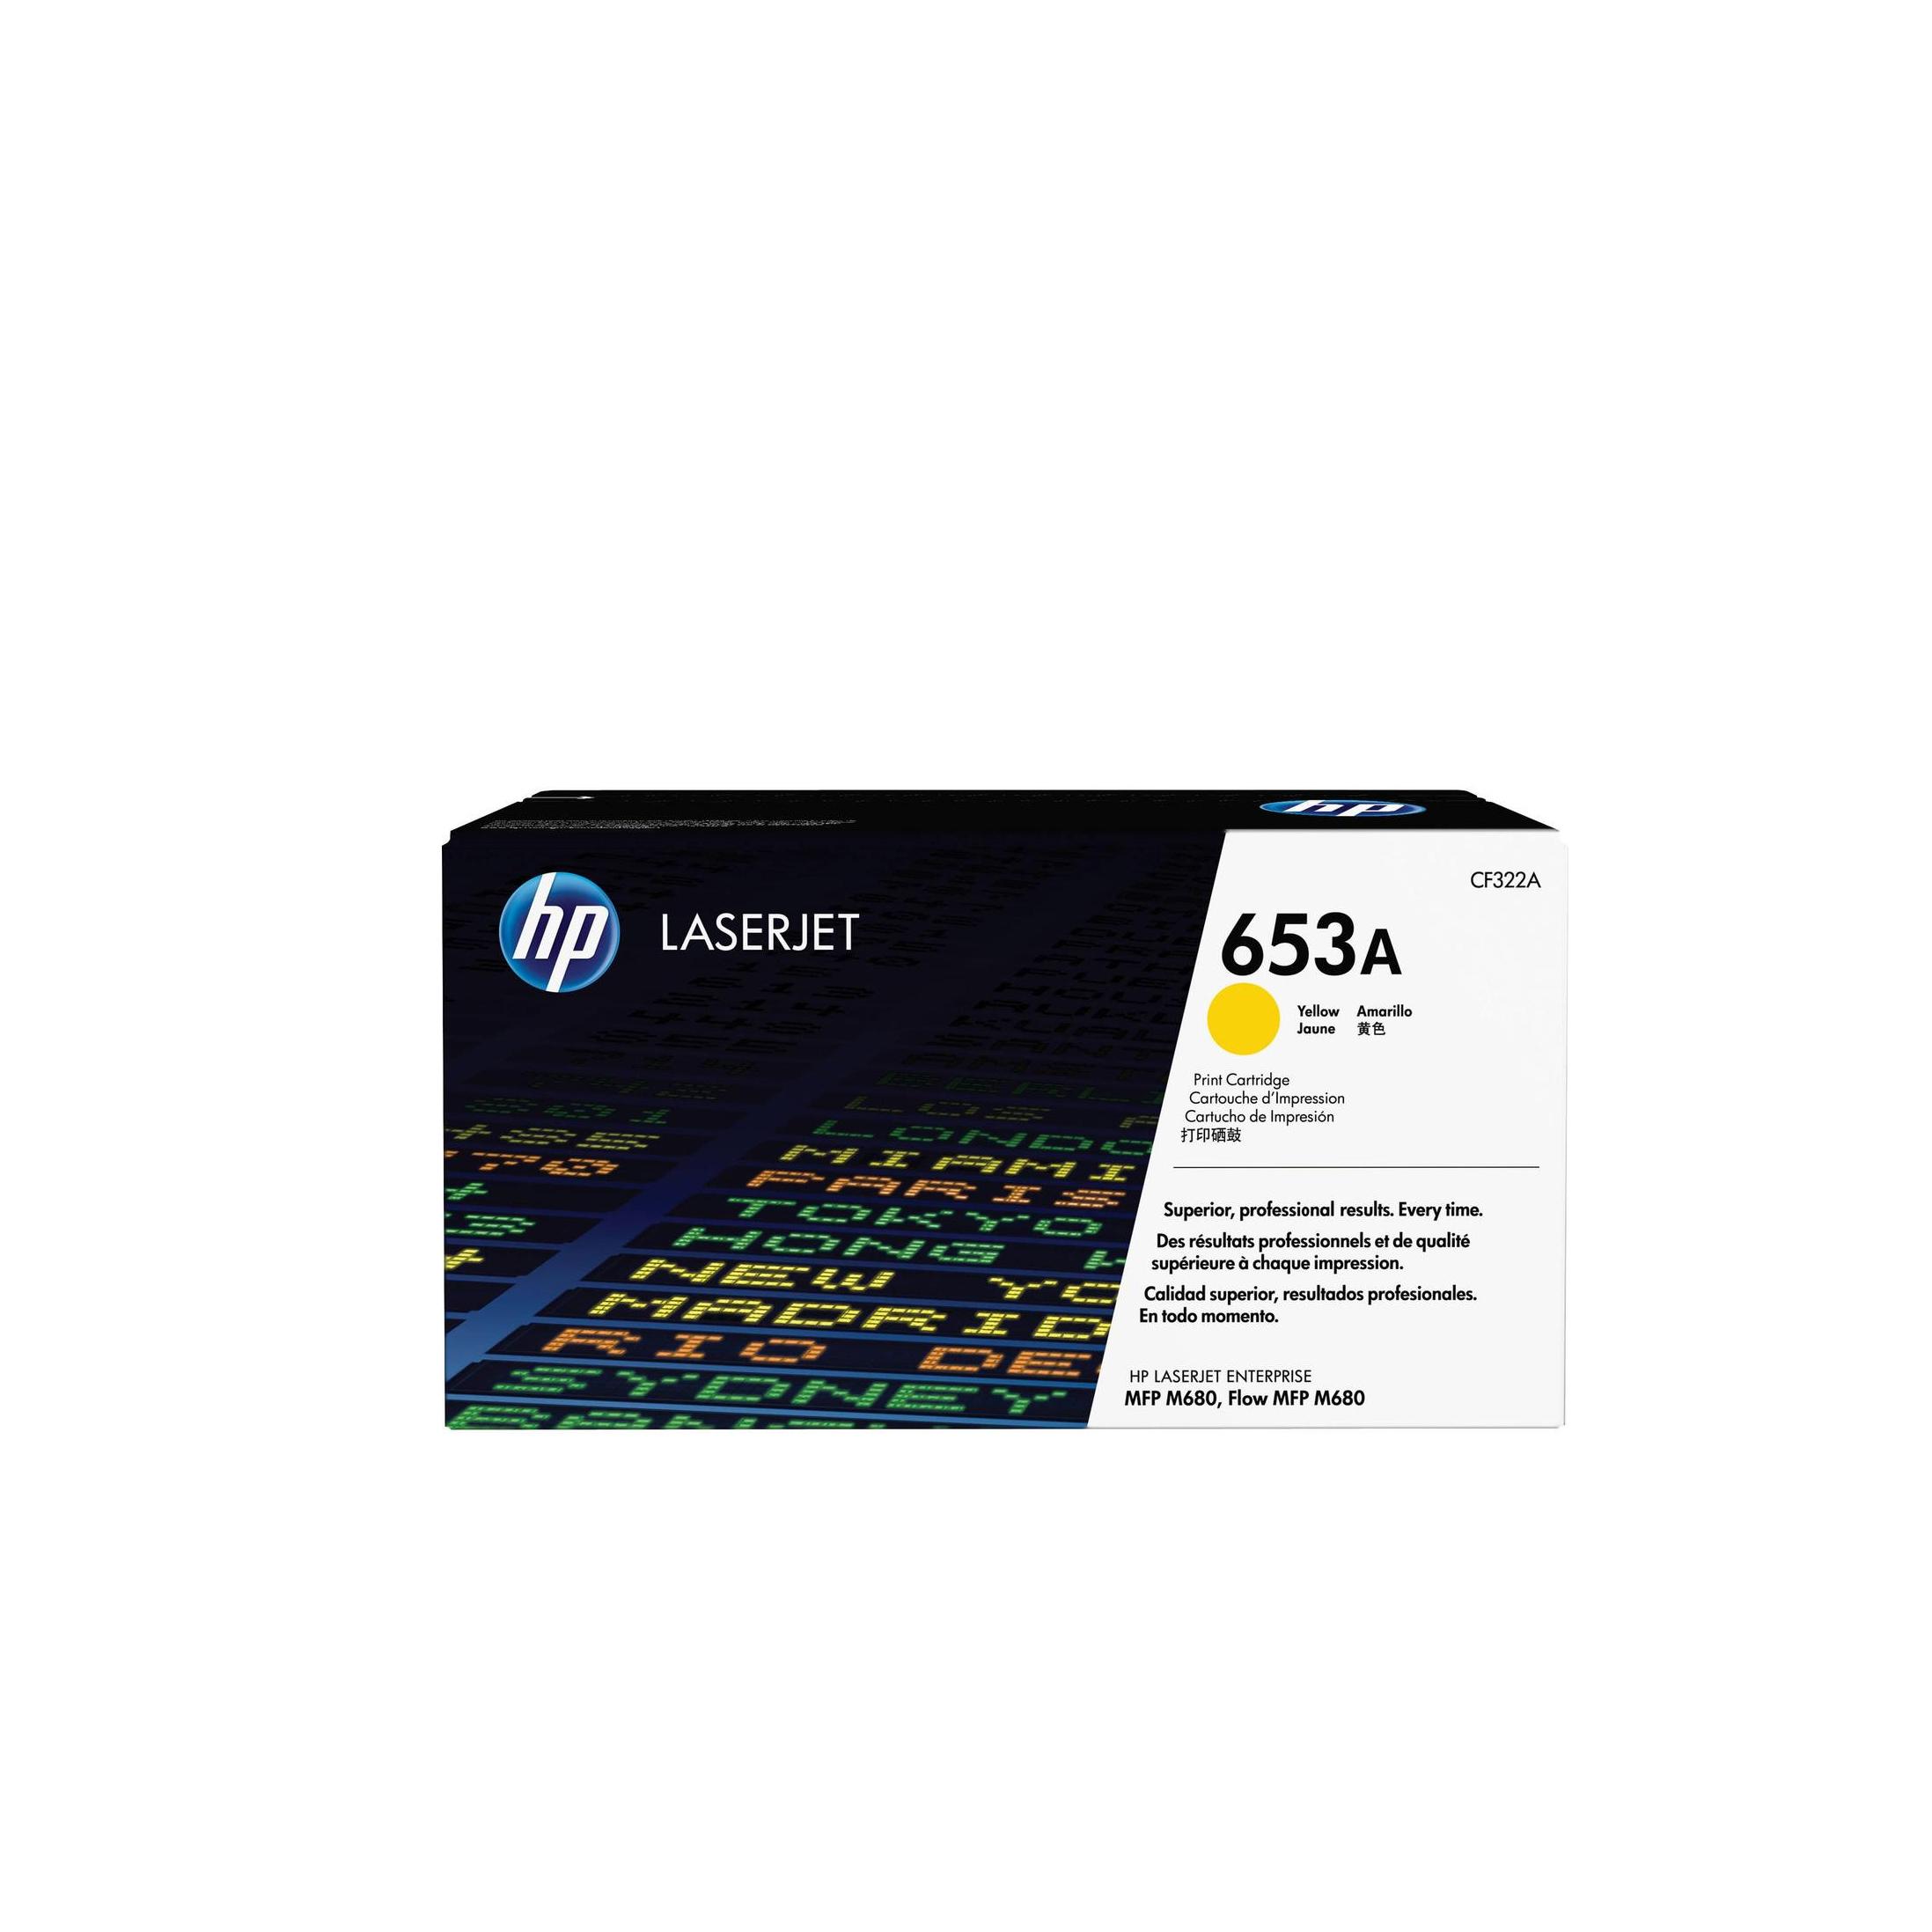 Лазерный картридж 653A CF322A